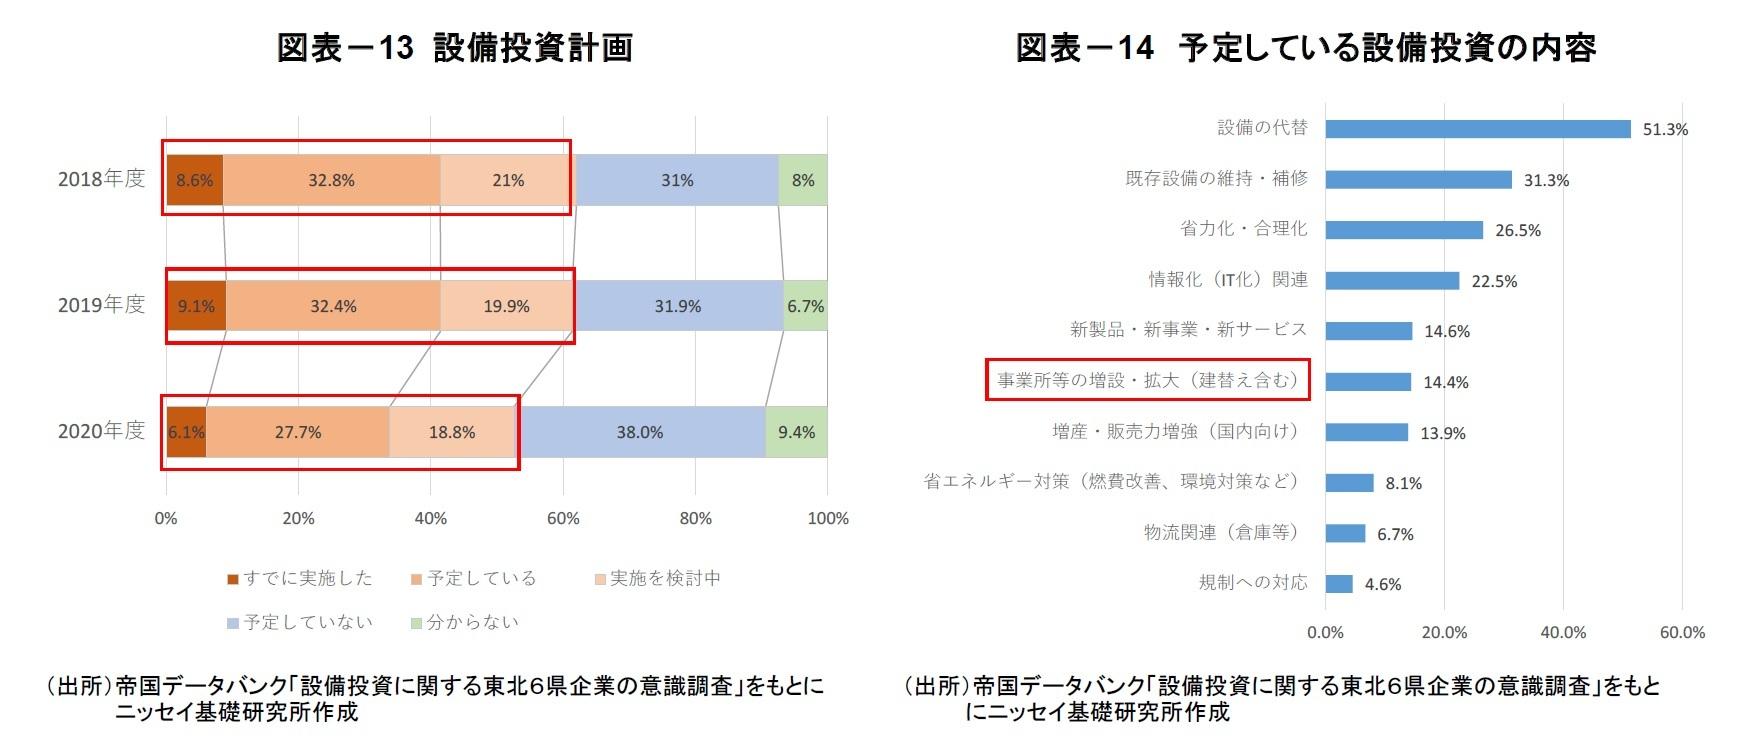 図表-13 設備投資計画/図表-14 予定している設備投資の内容